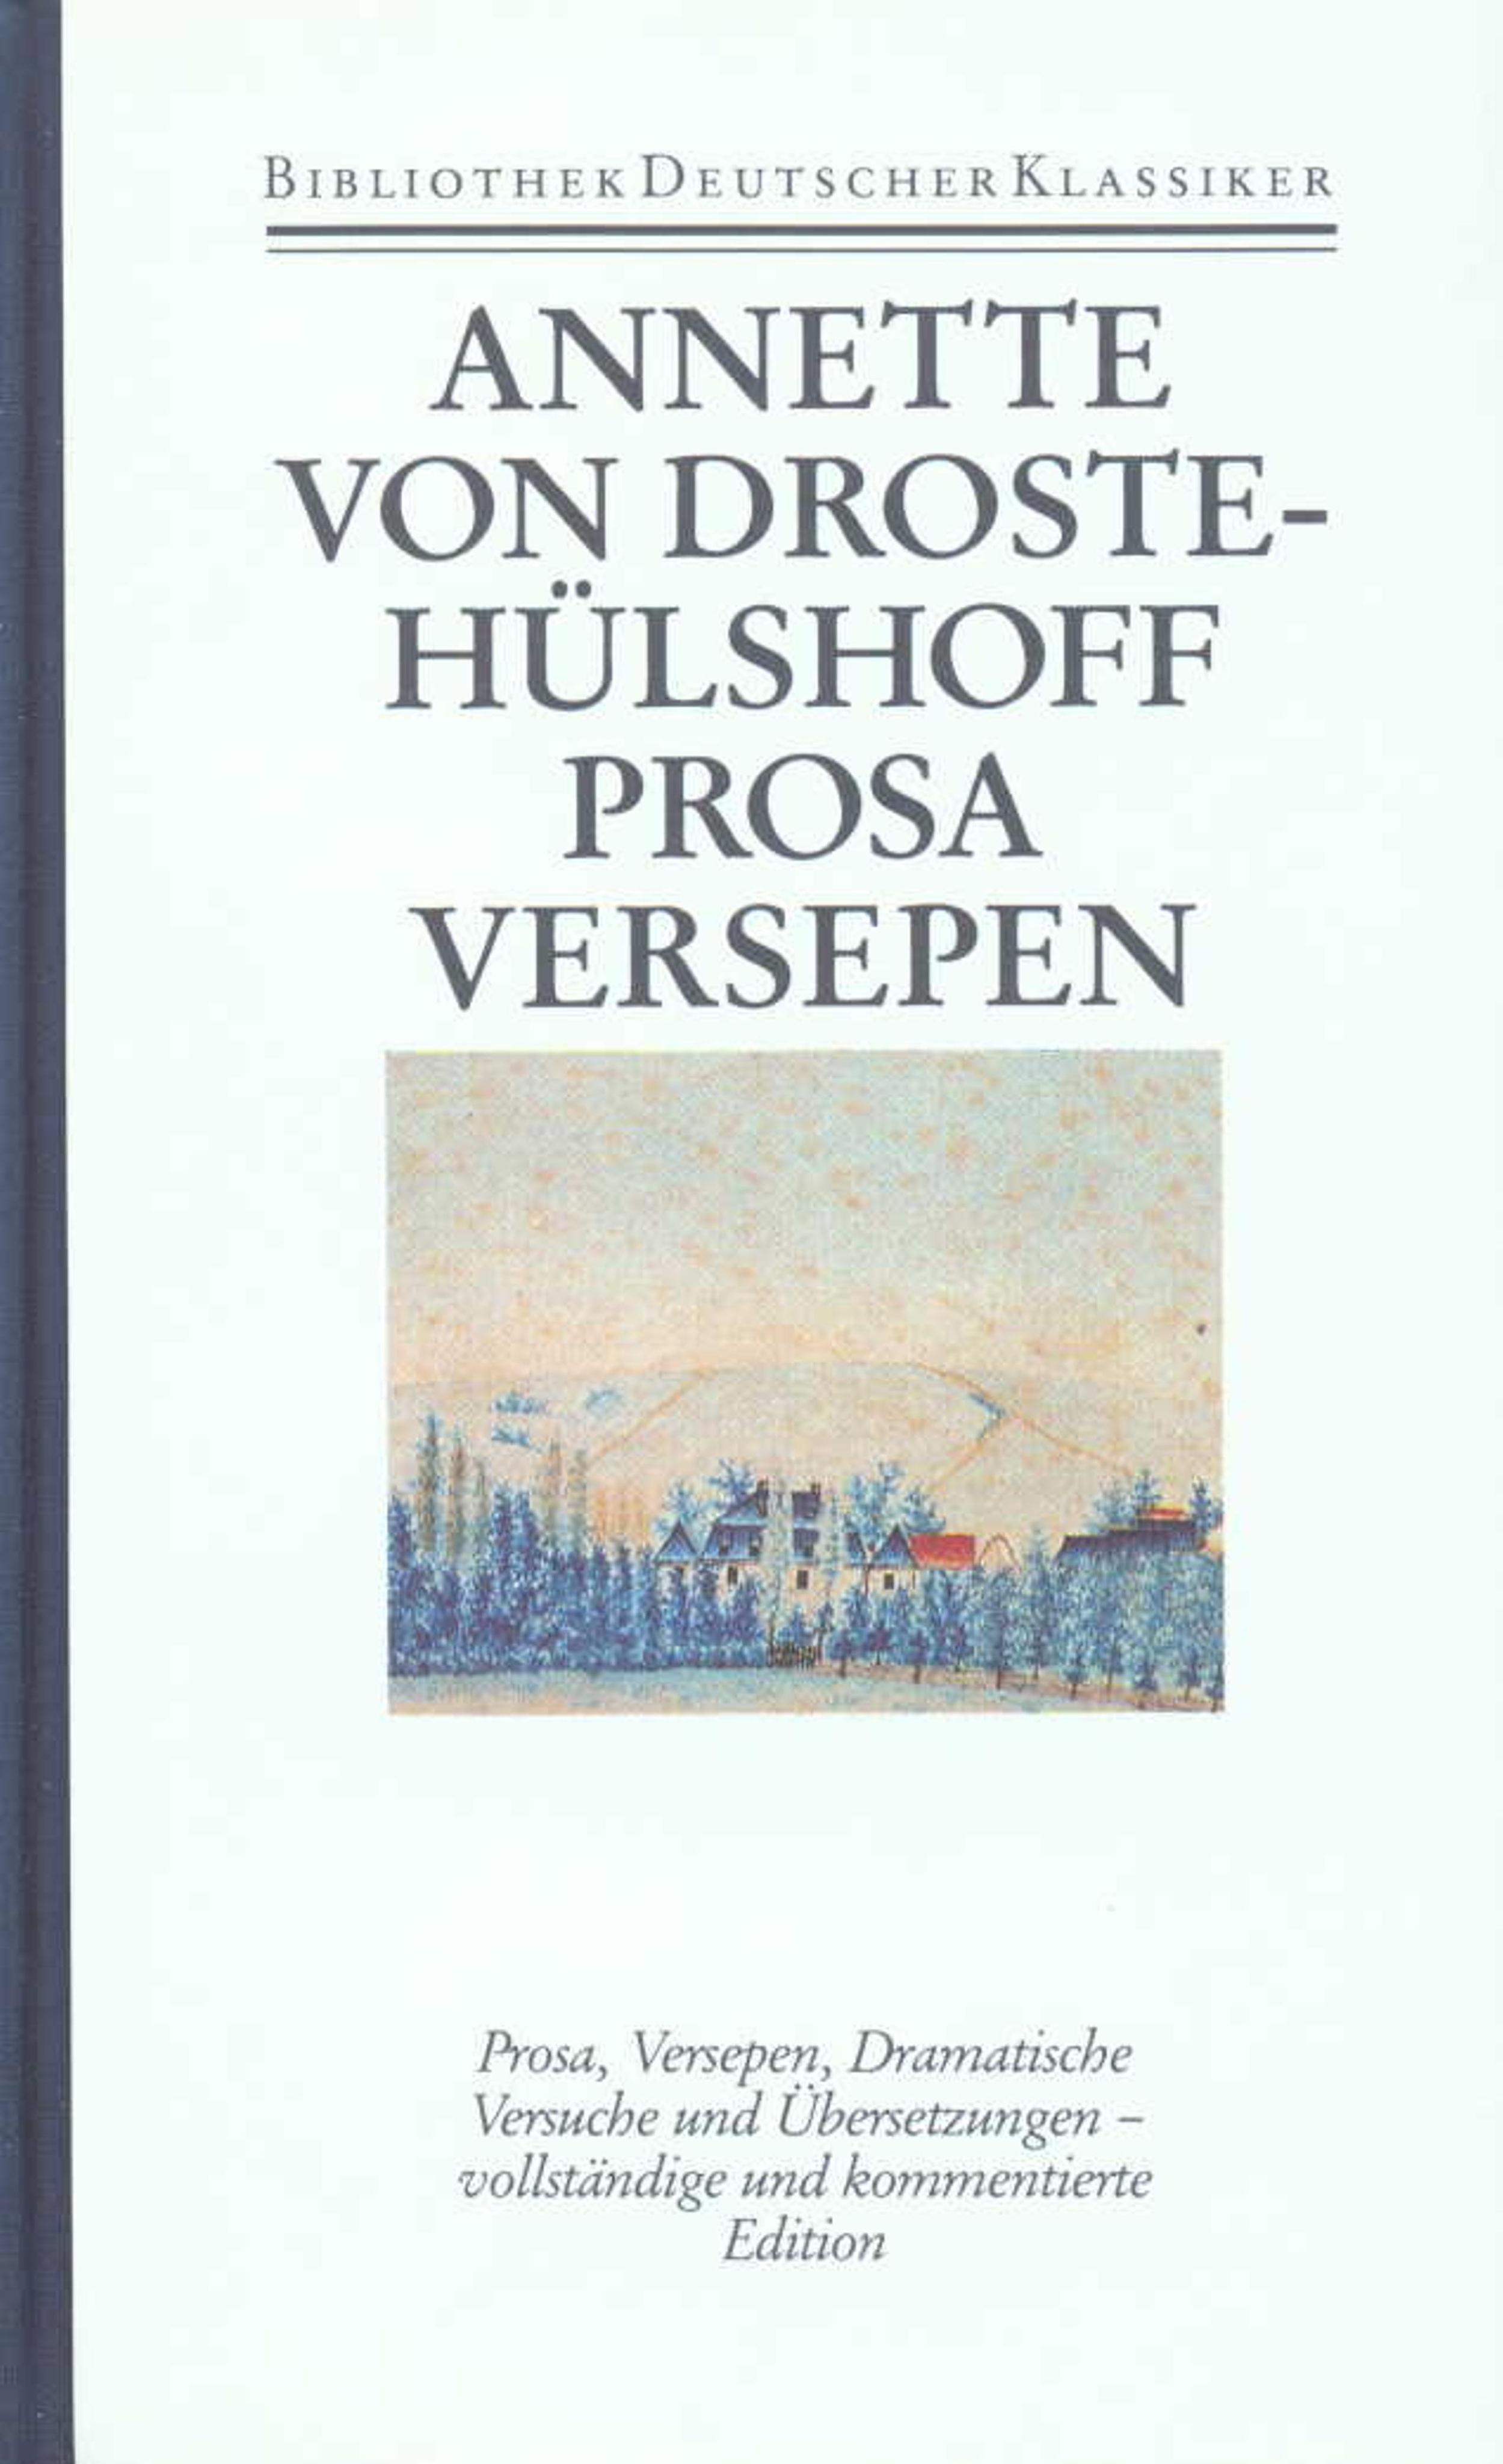 Prosa-Versepen-Dramatische-Versuche-Ubersetzungen-Annette-von-Droste-Hue